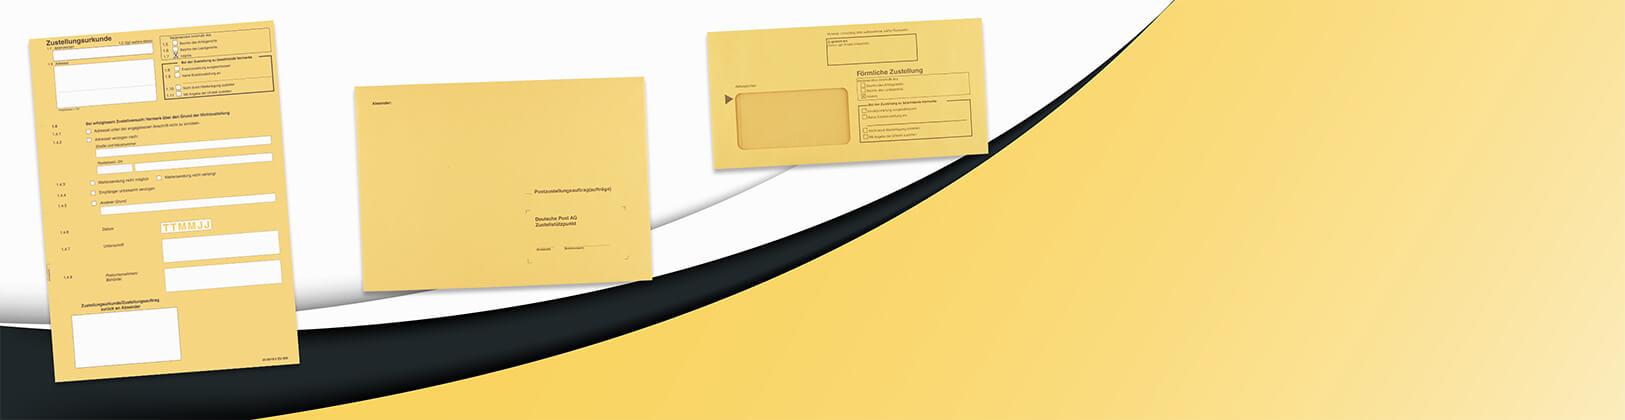 Urkunden und Umschläge für den Postzustellungsauftrag